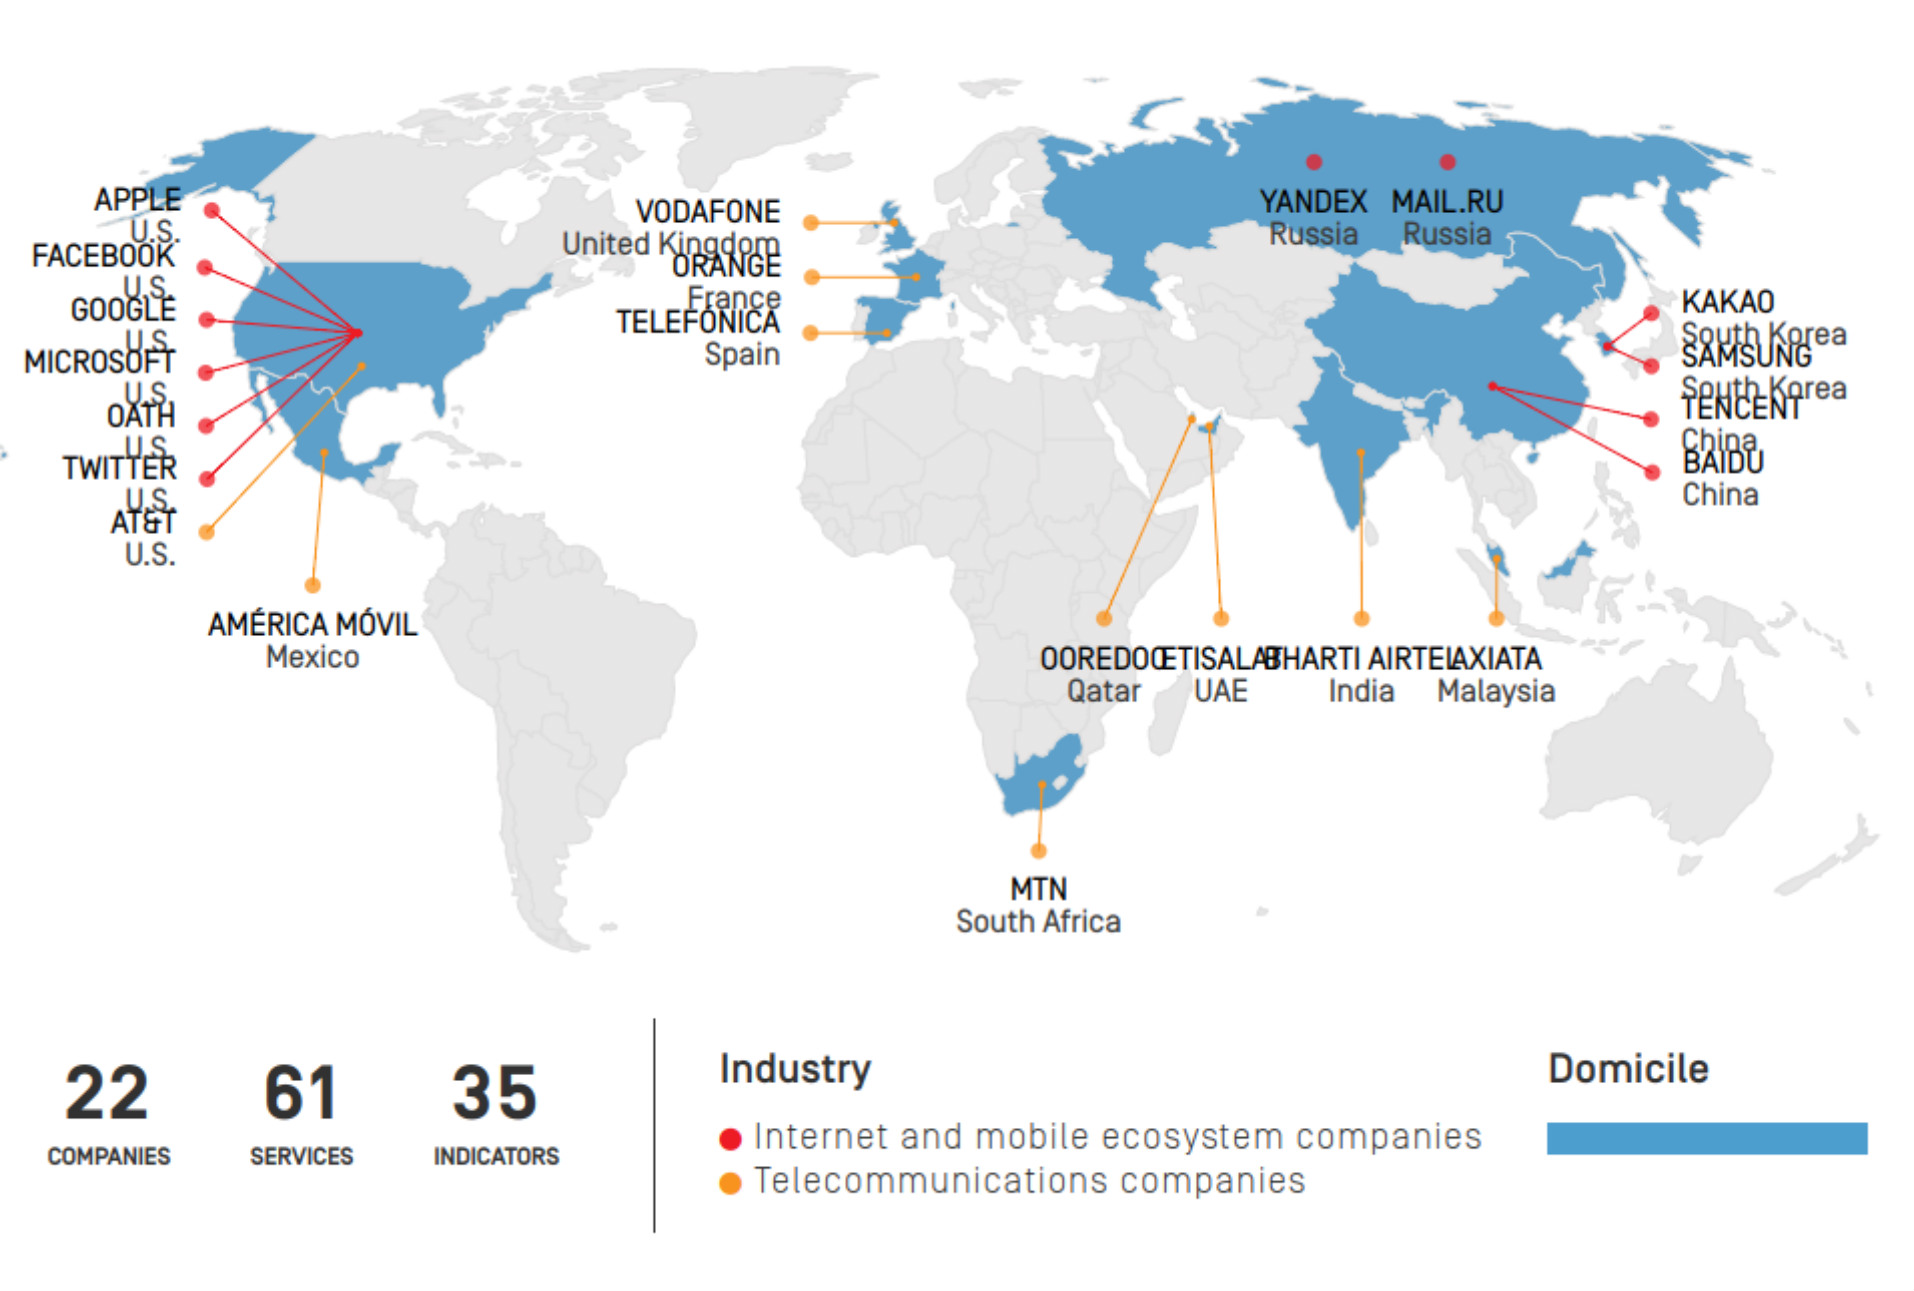 Empresas de Internet no informan a usuarios cómo afectan sus derechos humanos